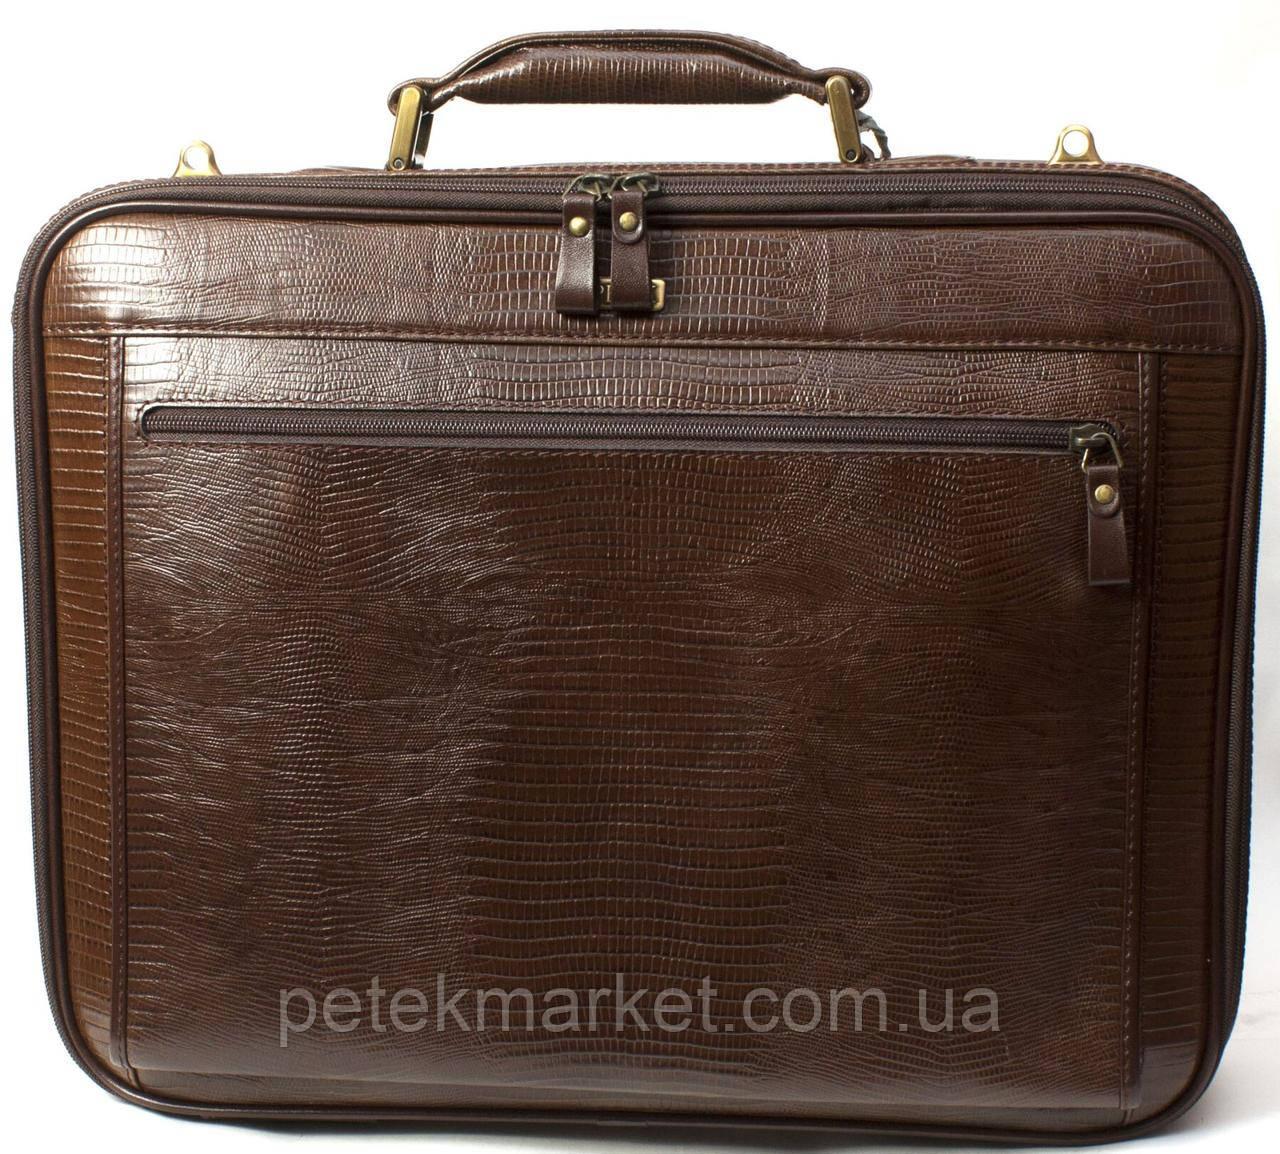 Кожаный портфель для ноутбука Petek 3870